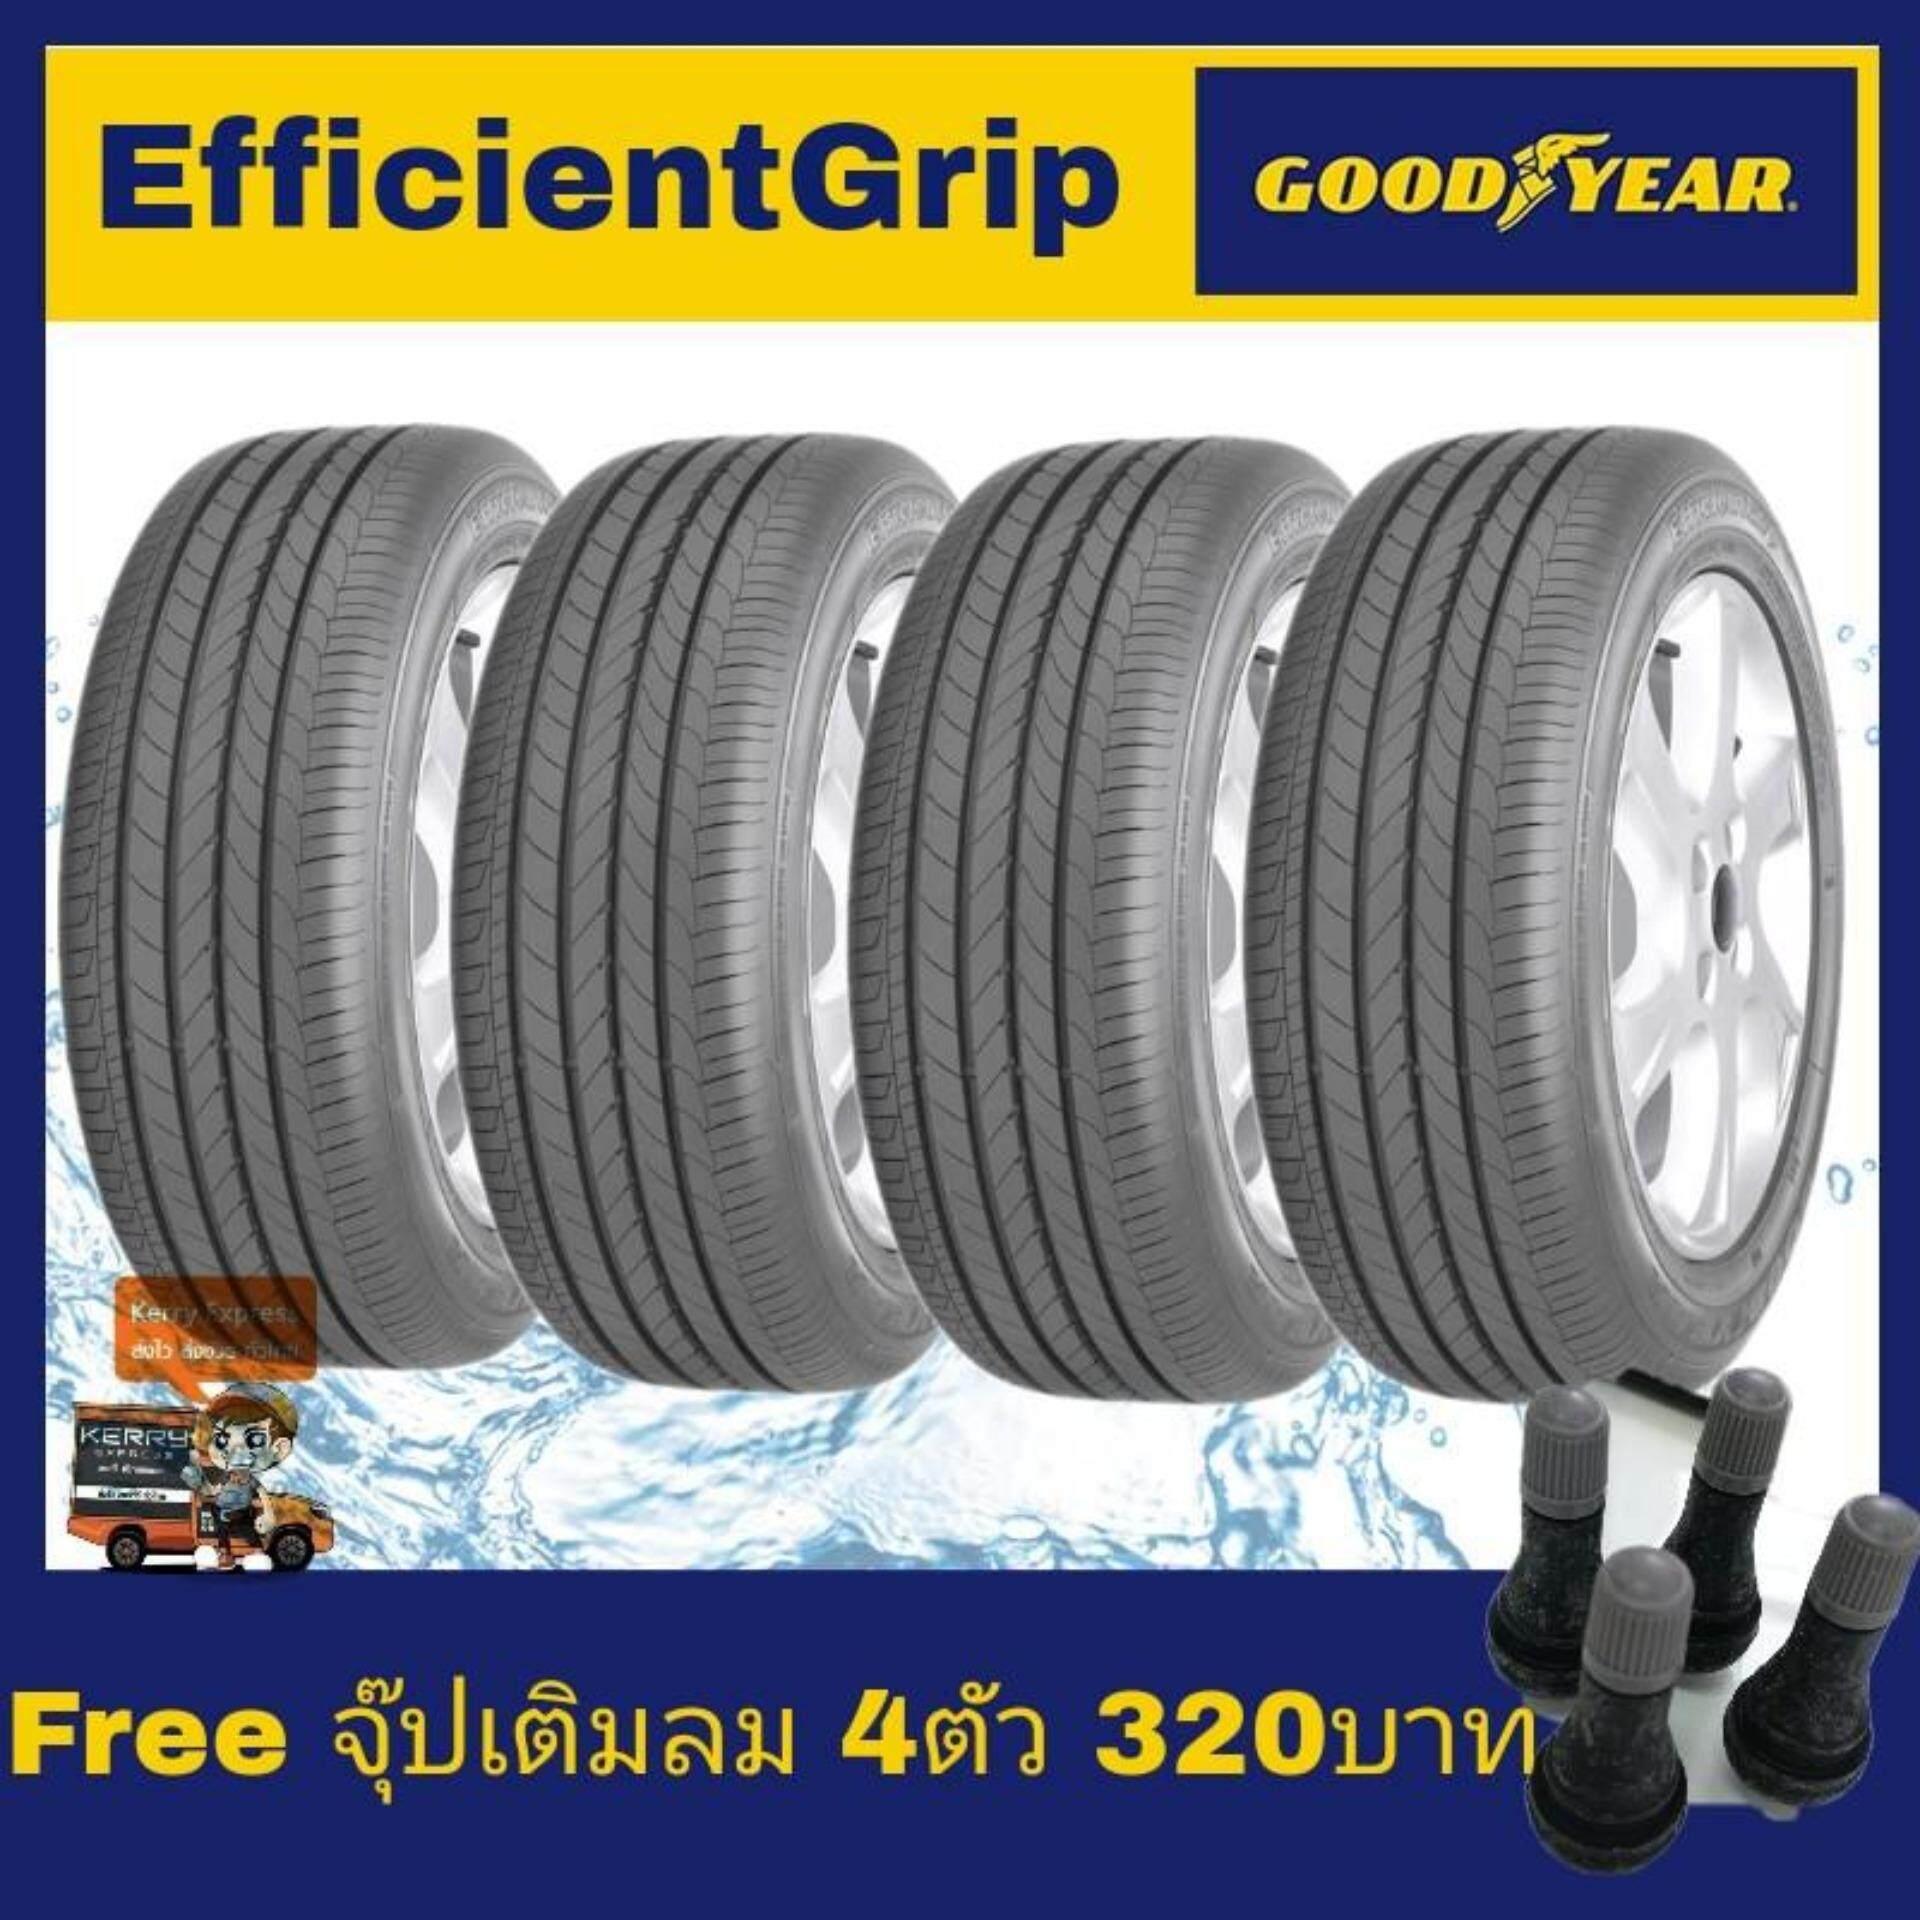 ประกันภัย รถยนต์ แบบ ผ่อน ได้ สระแก้ว Goodyear ยางรถยนต์ขอบ17 215/55R17 รุ่น EfficientGrip (4เส้น)